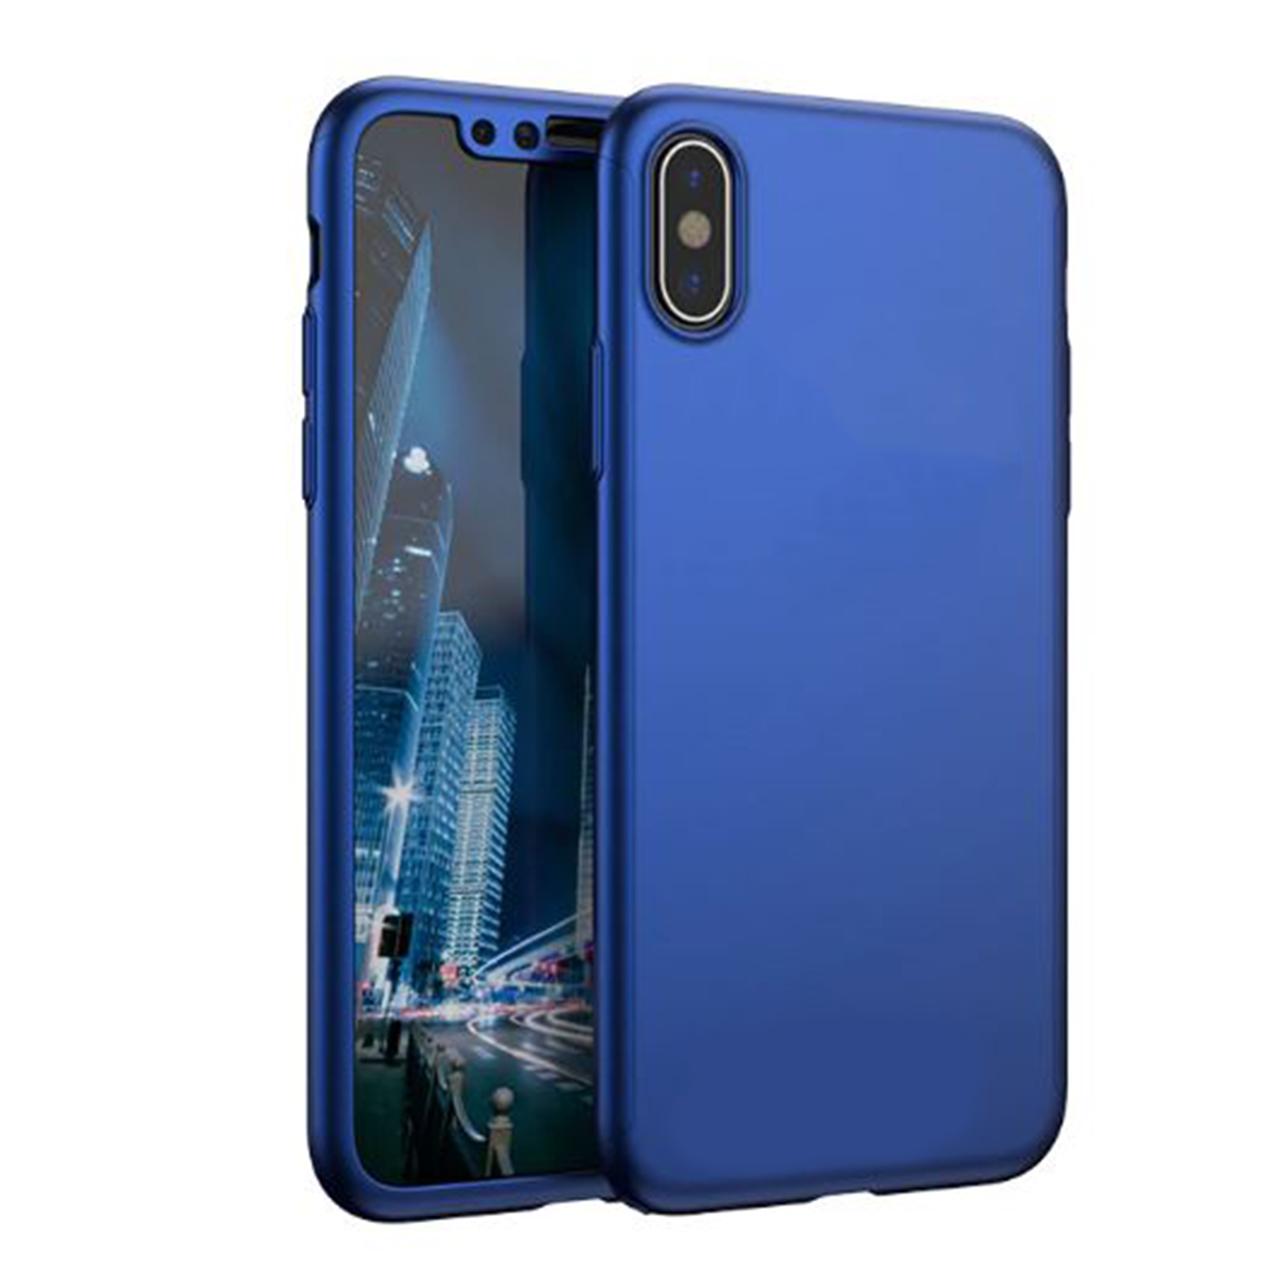 کاور ورسون مدل Sha-001 مناسب برای گوشی موبایل اپل Iphone X / Xs